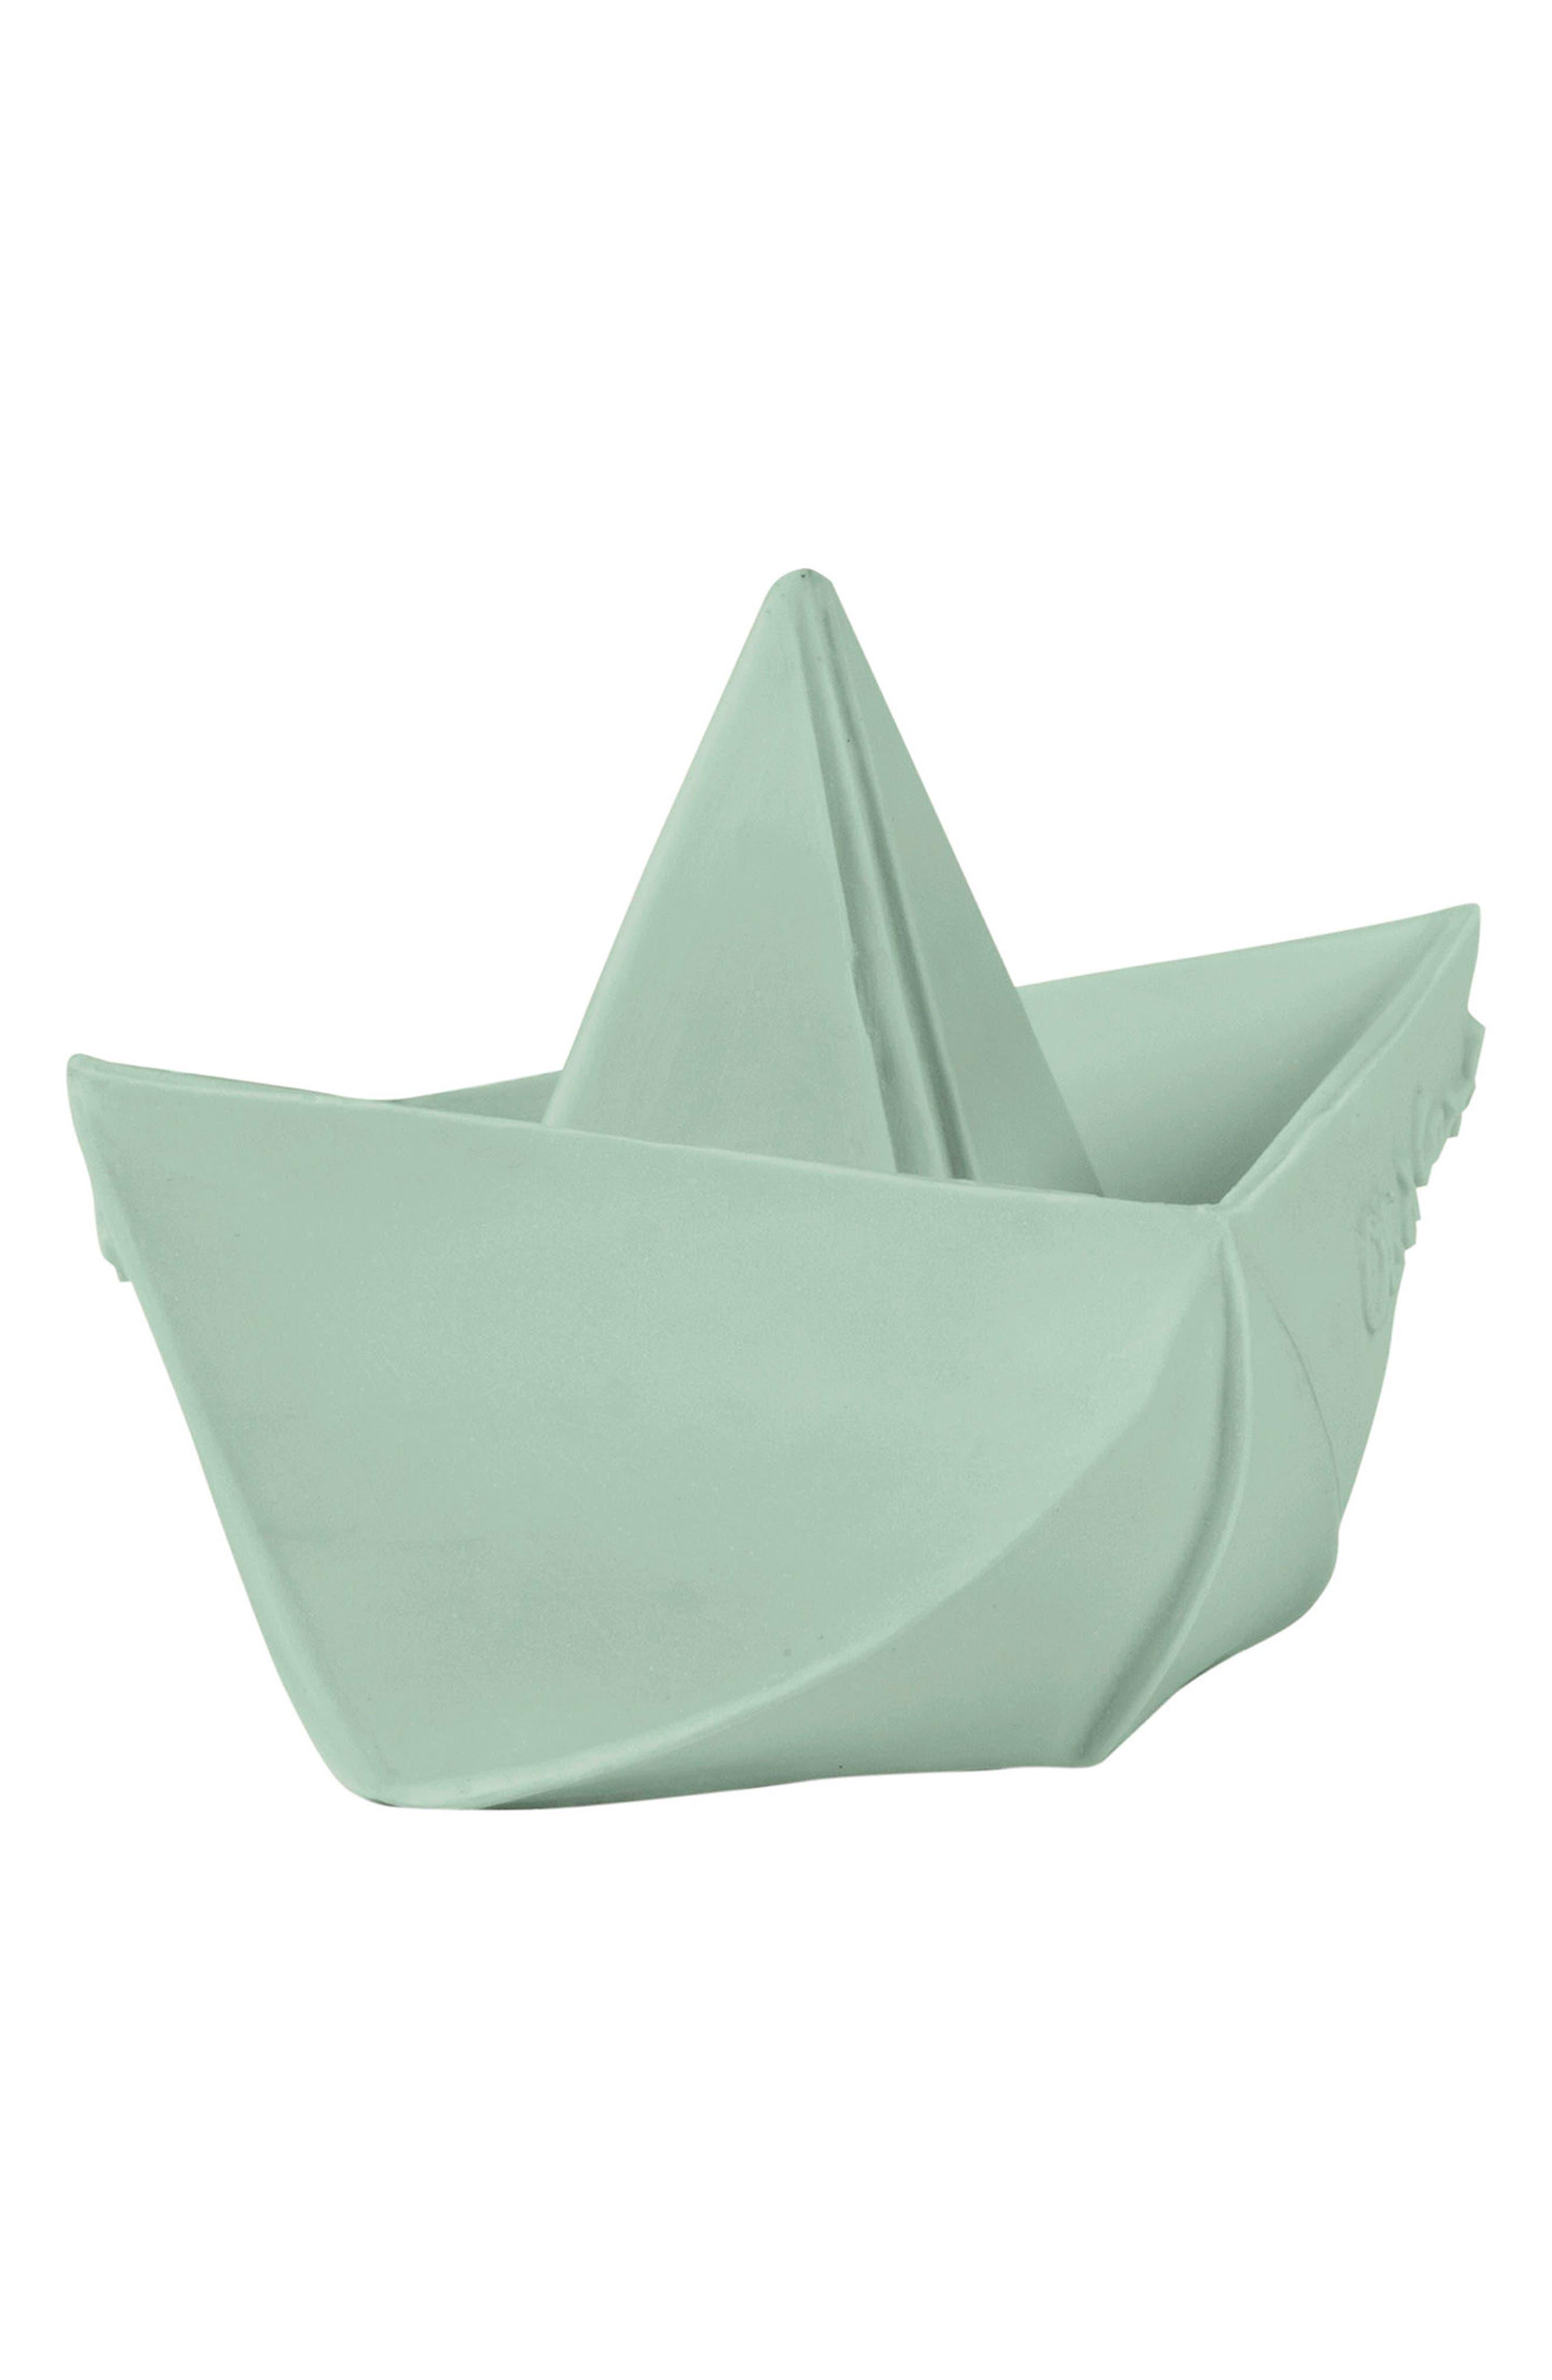 Alternate Image 1 Selected - Oli & Carol Origami Boat Bath Toy